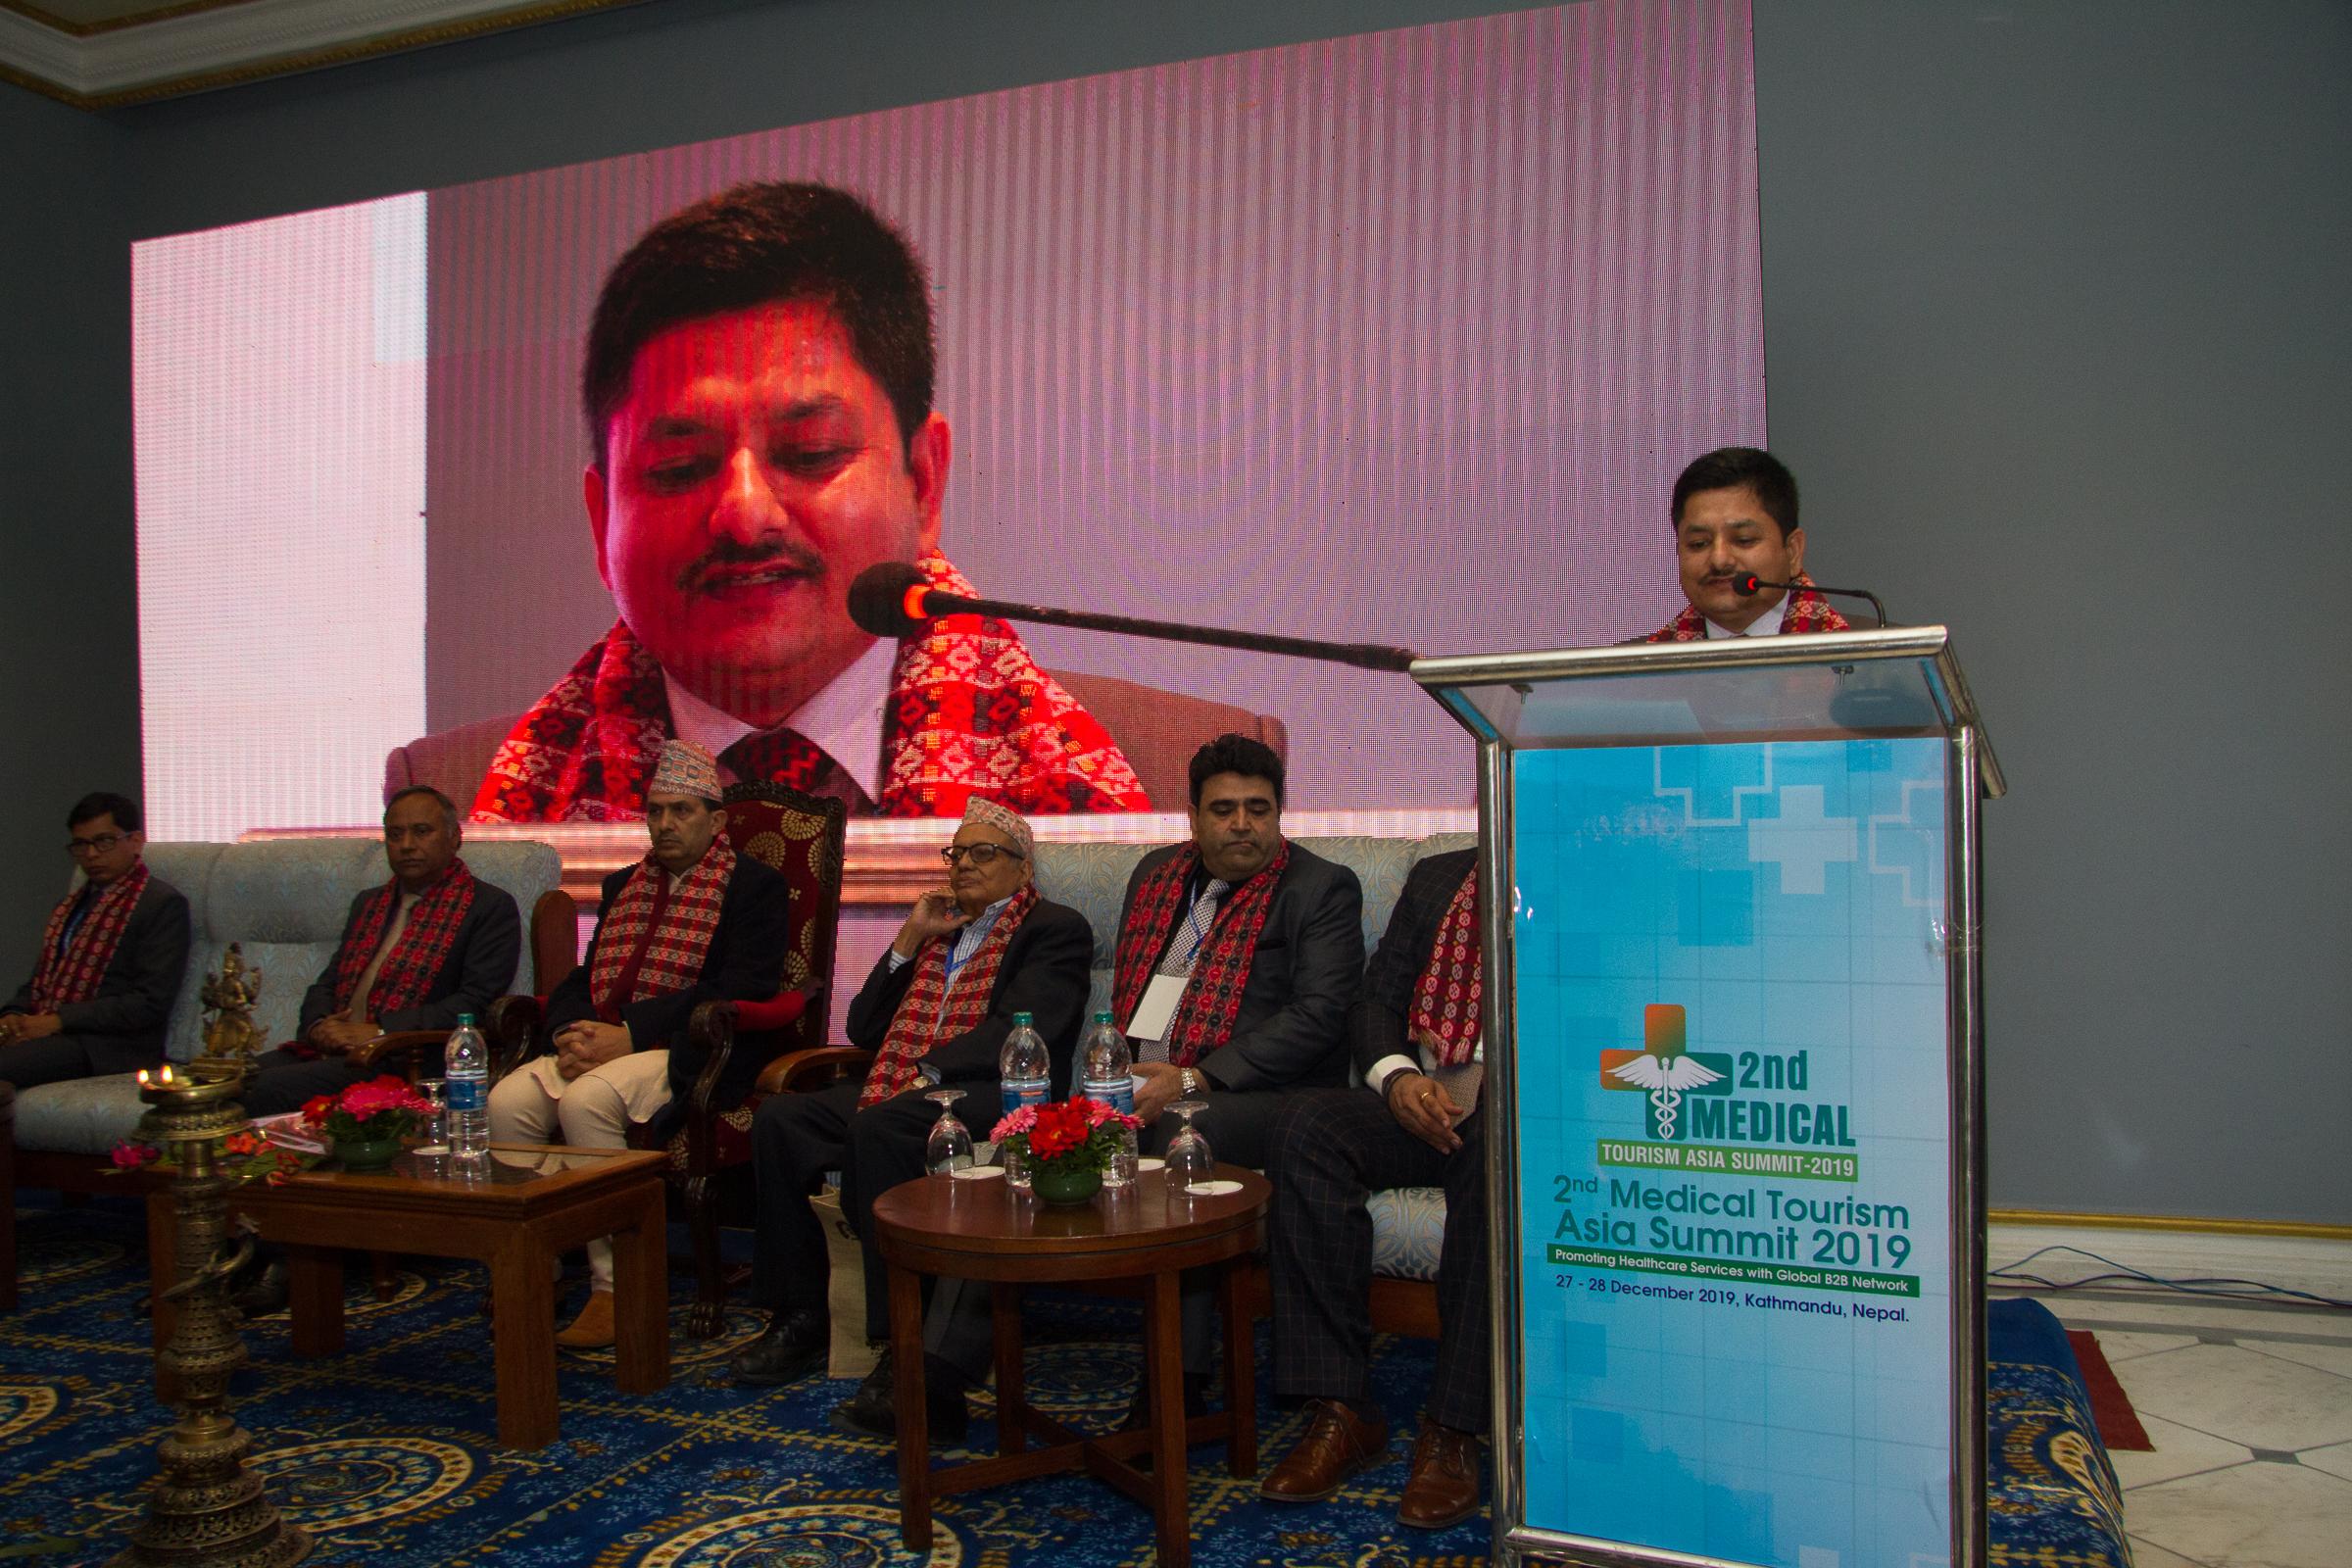 नेपाल मेडिकल टुरिजमको उत्कृष्ट गन्तब्य  यसरी बन्न सक्छ